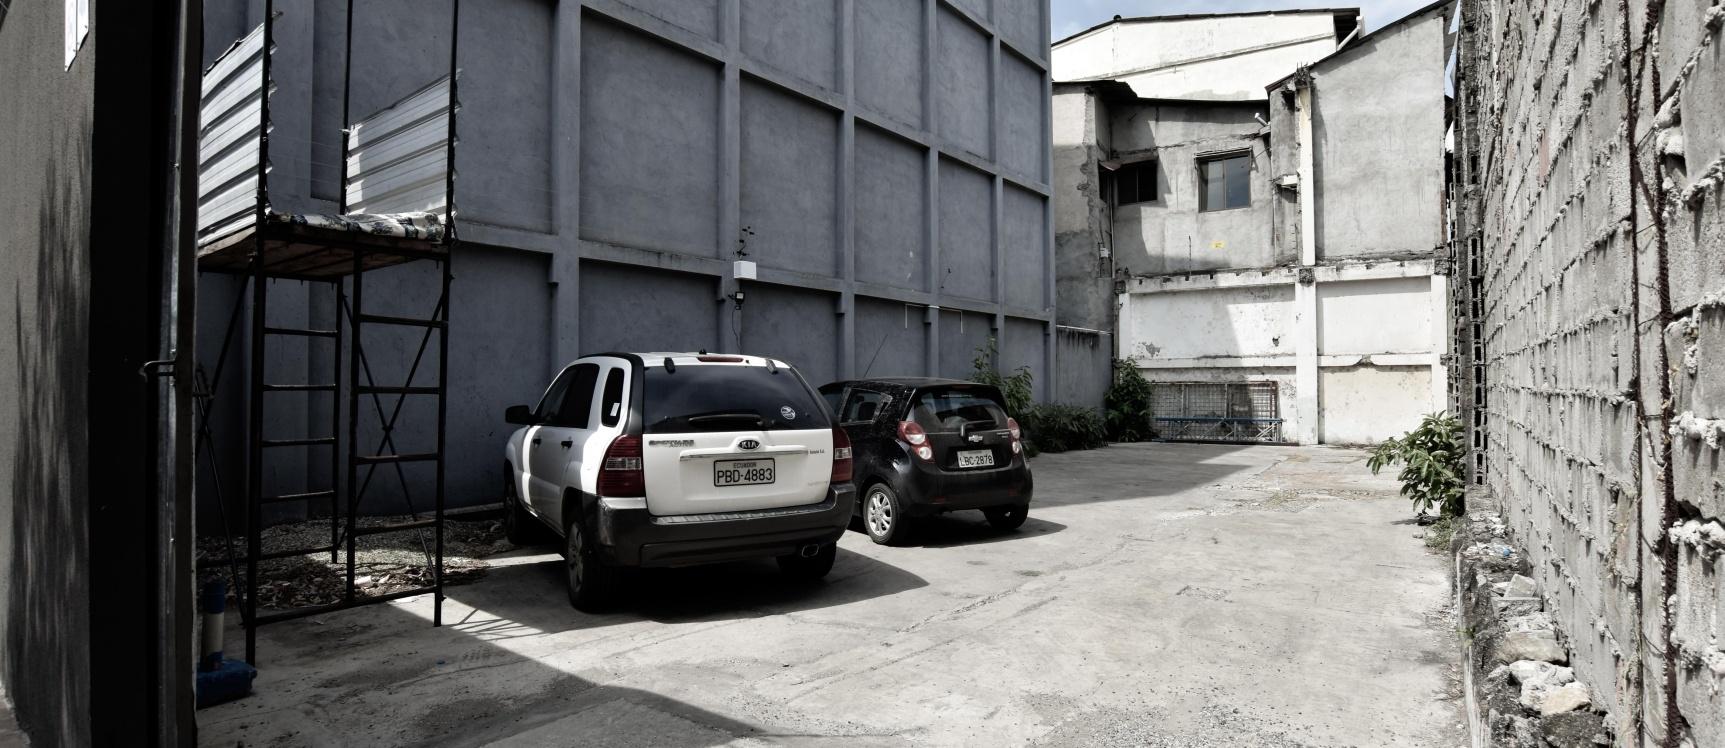 GeoBienes - Terreno en venta ubicado en Vicente Rocafuerte 250 y Manuel J. Calle - Plusvalia Guayaquil Casas de venta y alquiler Inmobiliaria Ecuador